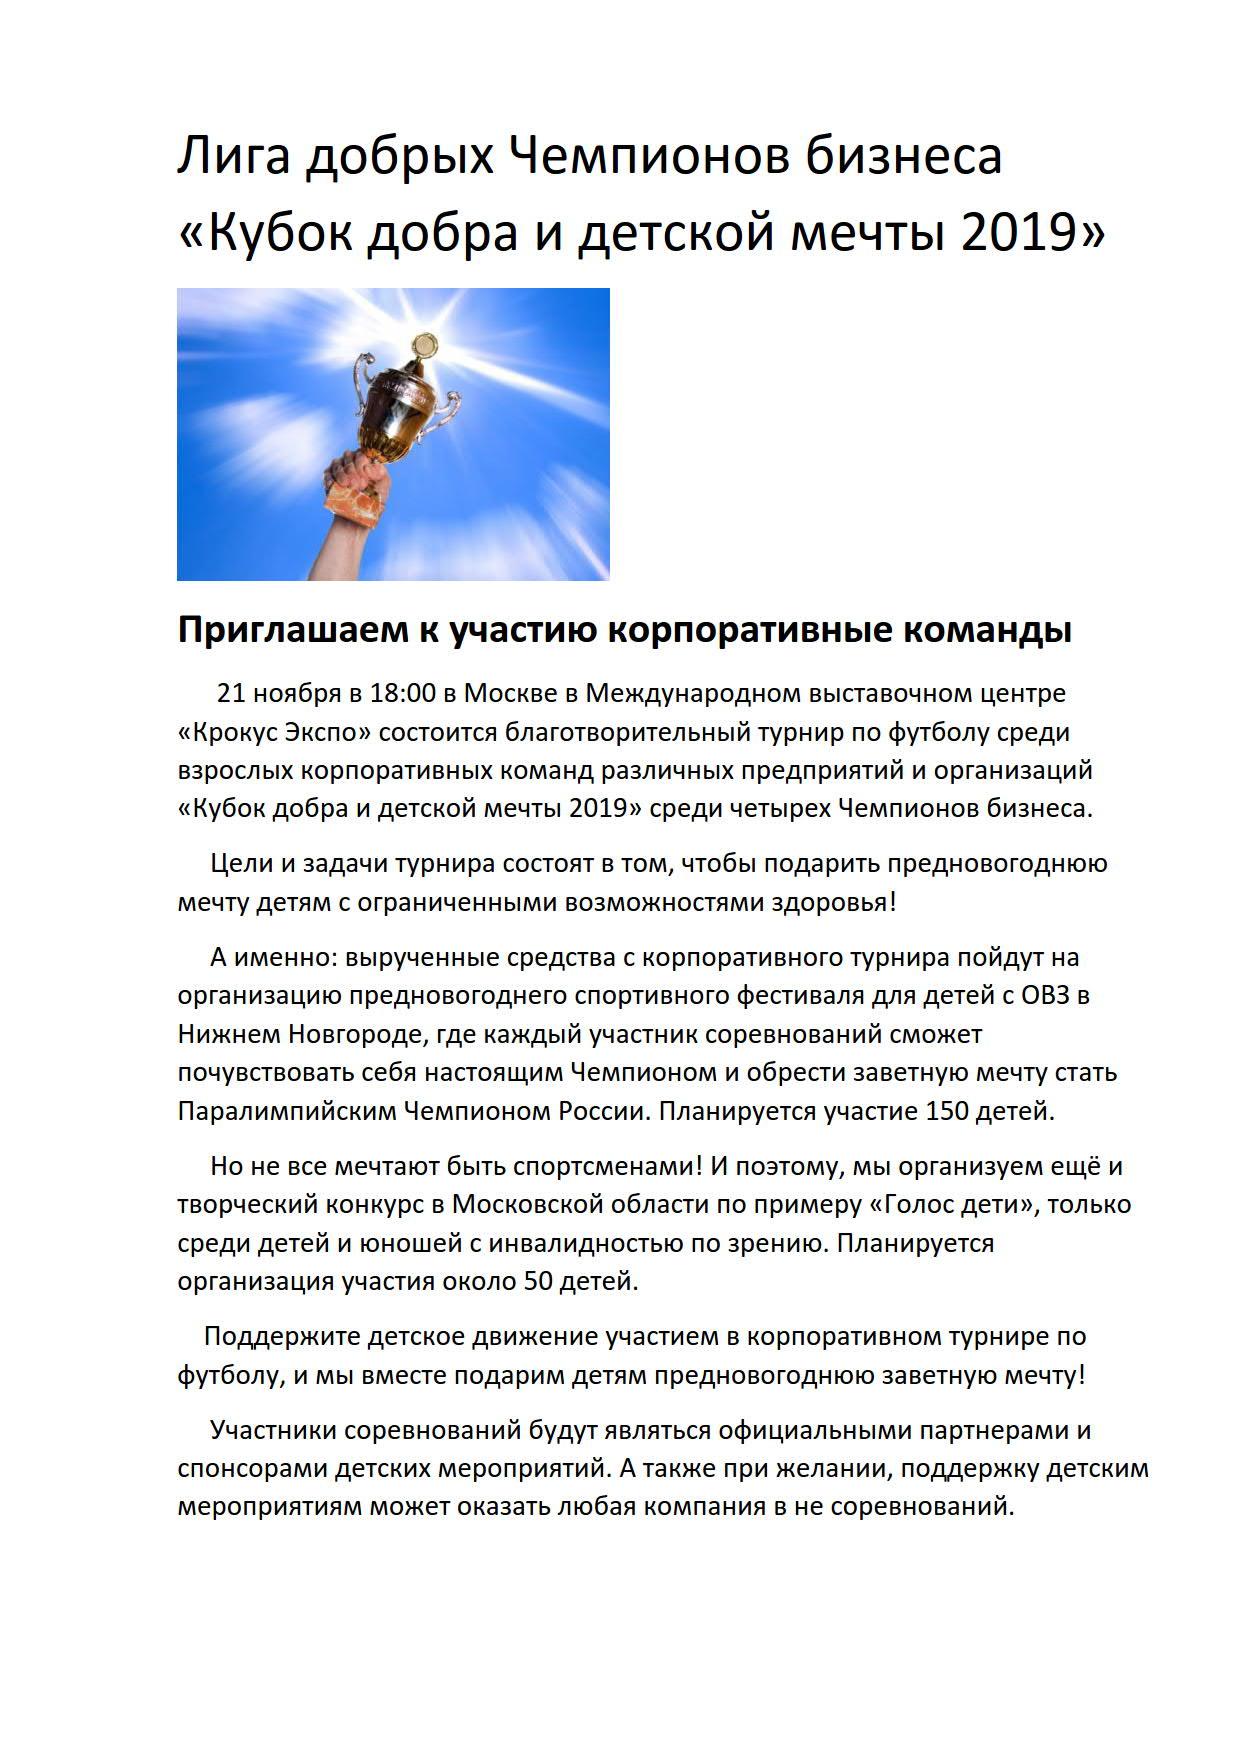 Пресс релиз Кубок добра и детской мечты 2019_1